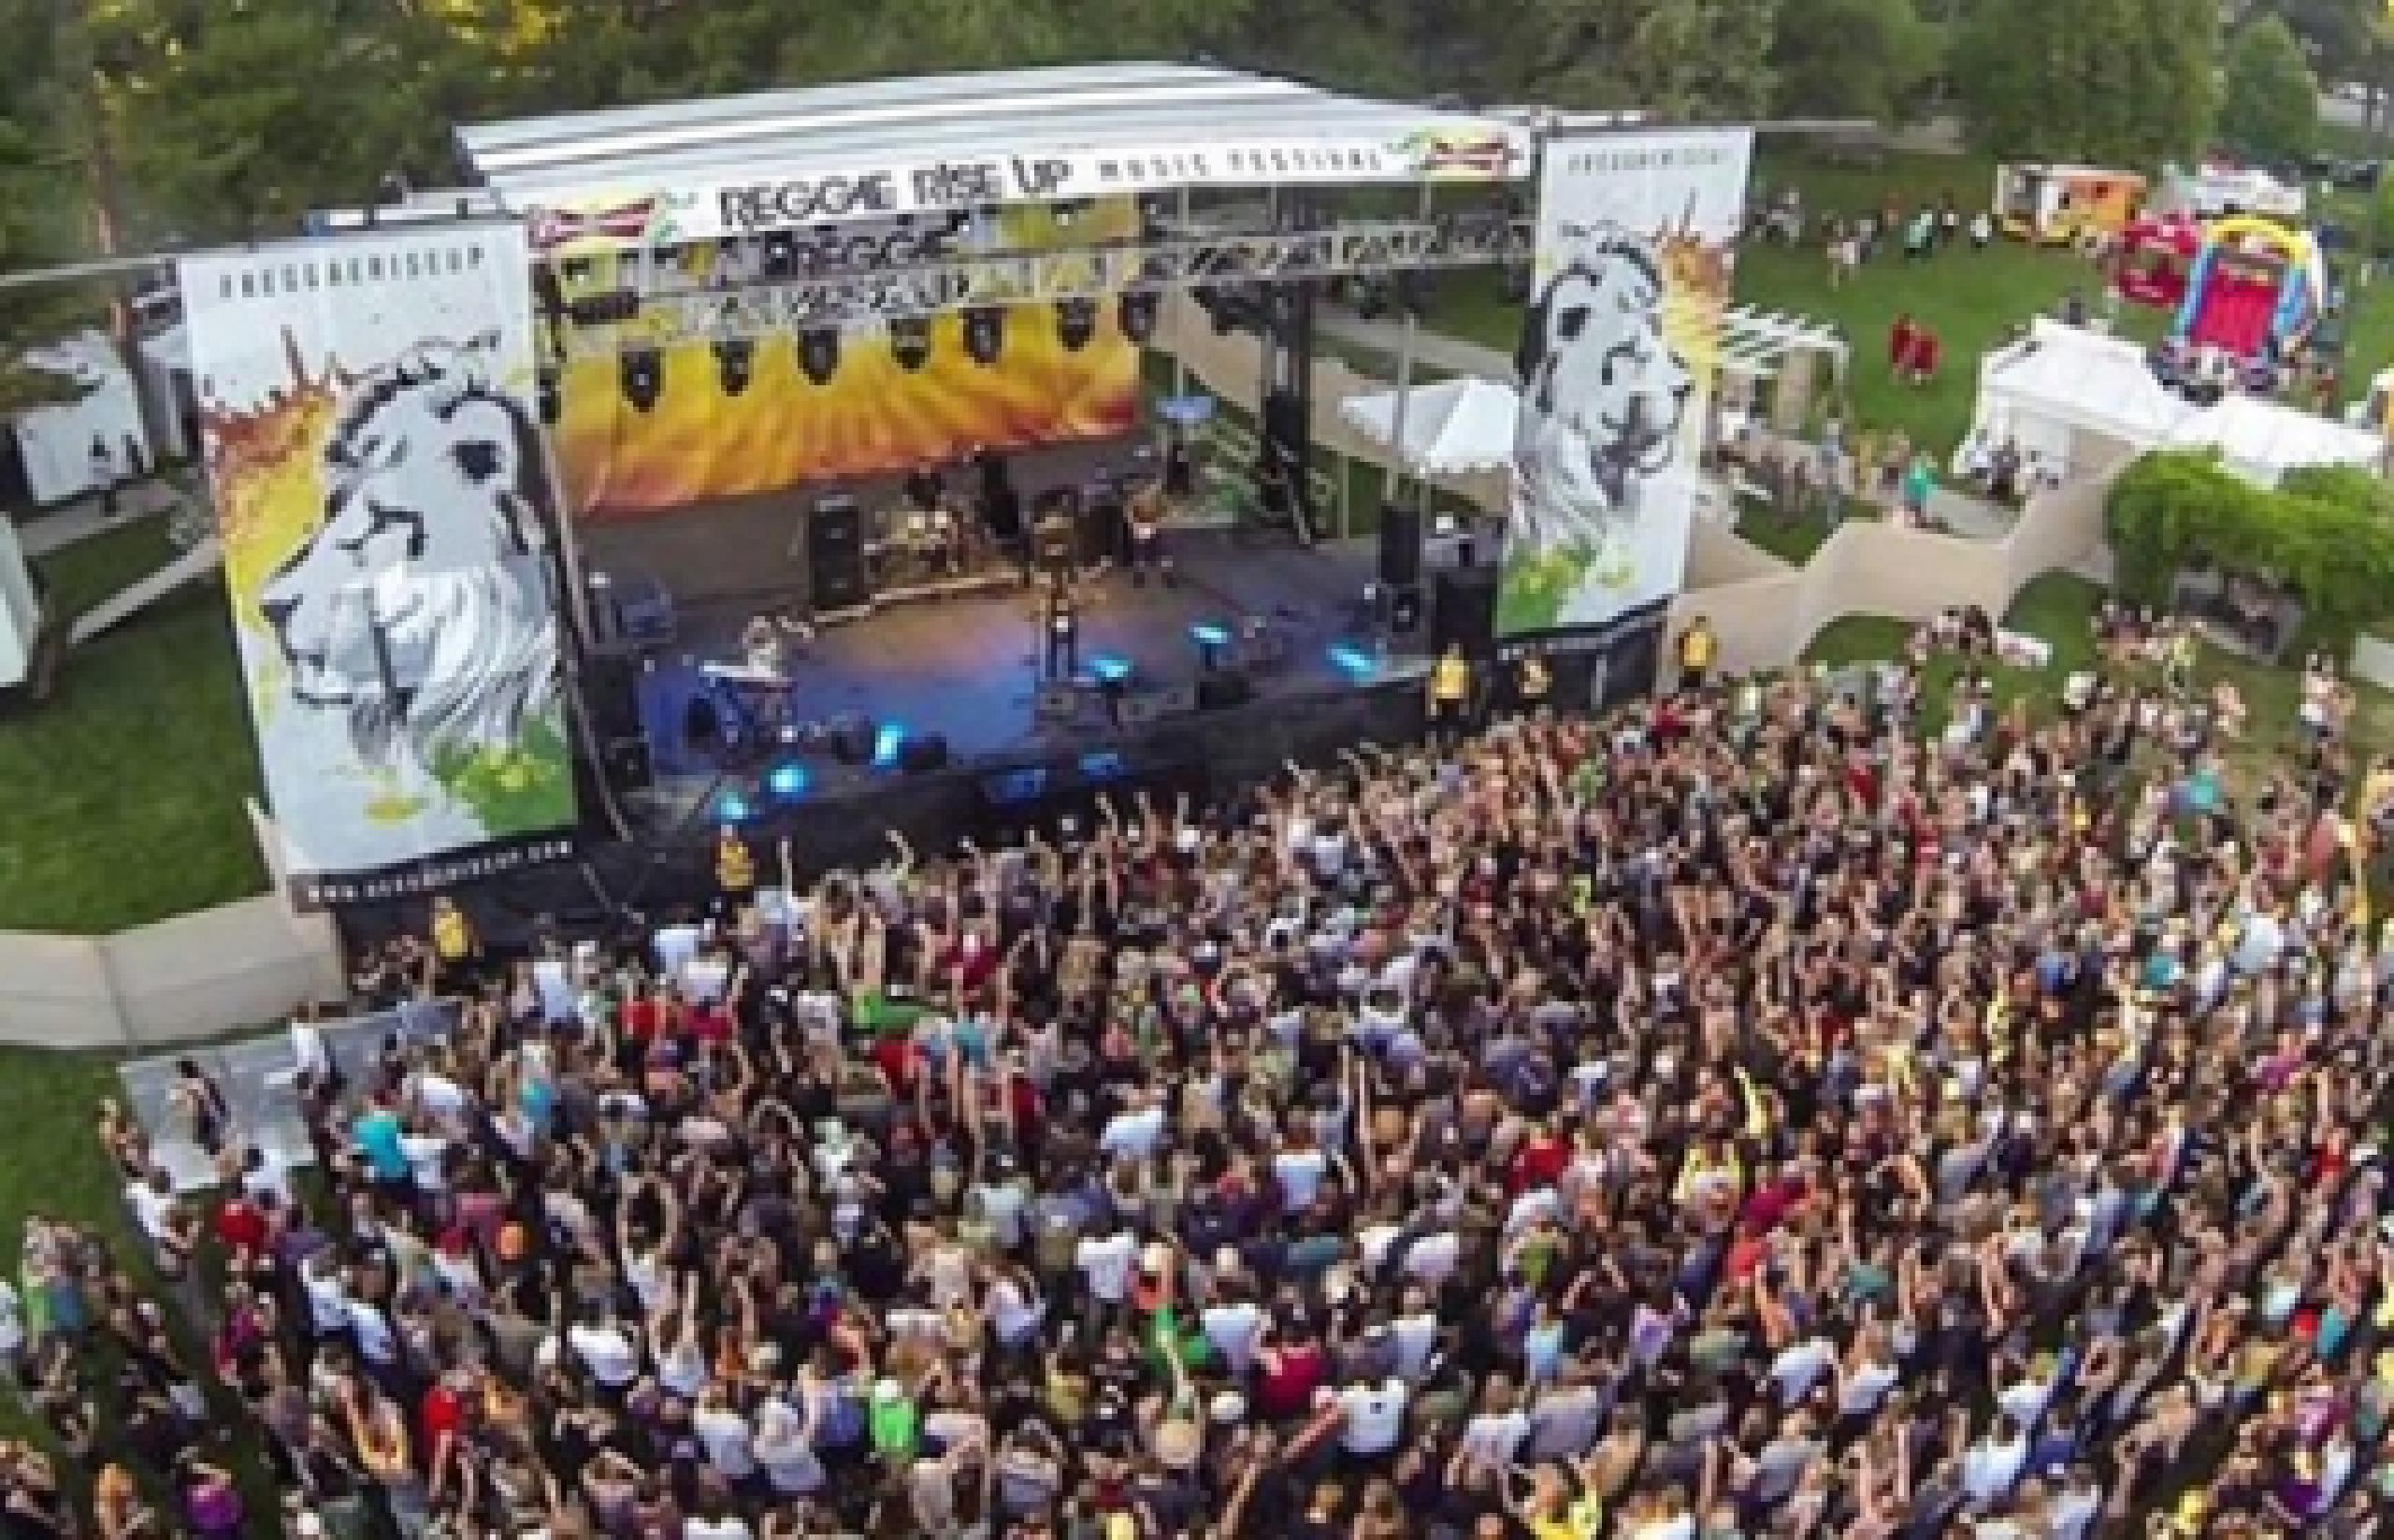 Reggae Rise Up Picture